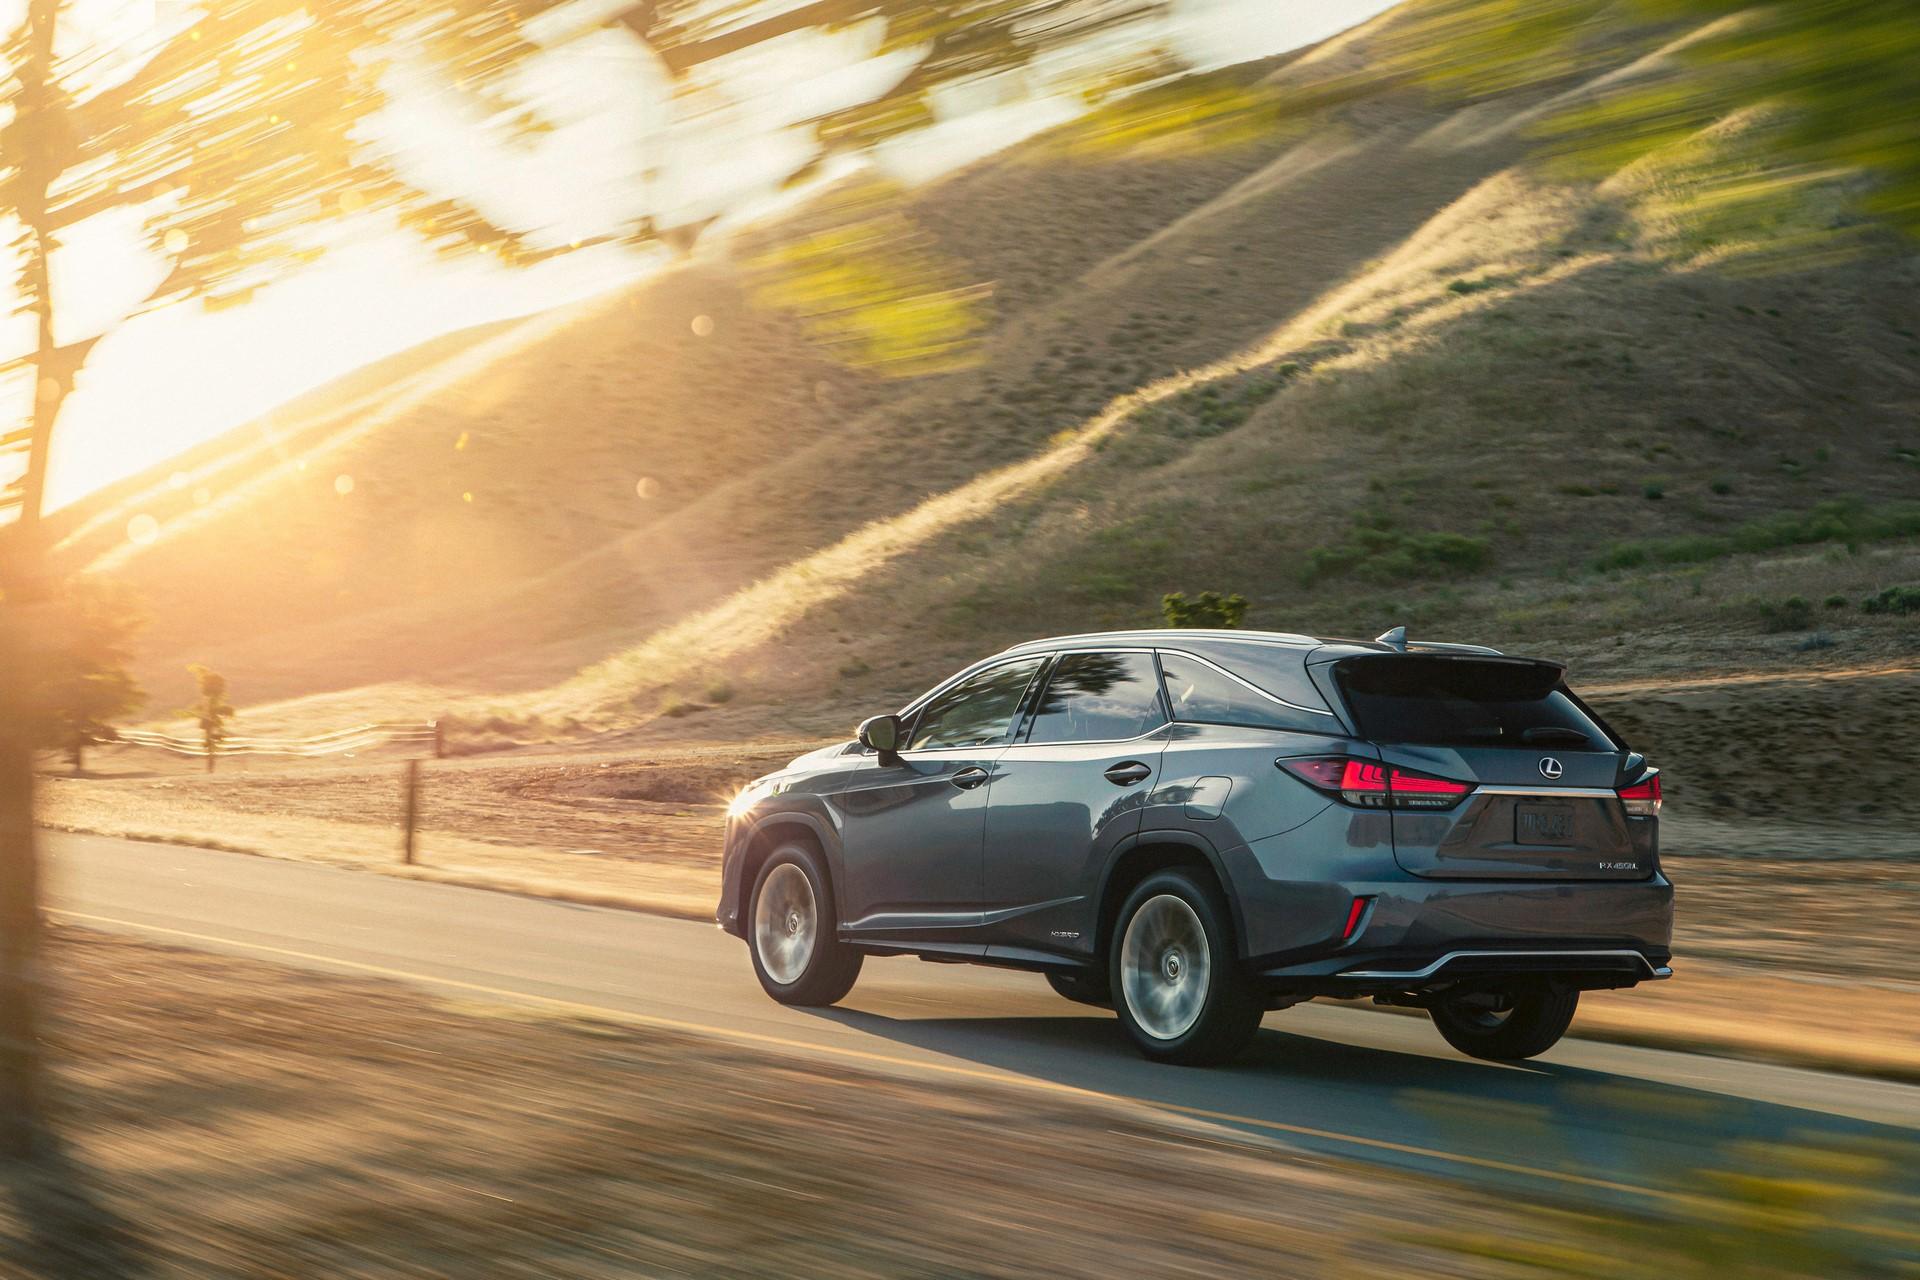 2020_Lexus_RX450hL_01_578B4C6DD36DE195FD509C48E4013F3911019314